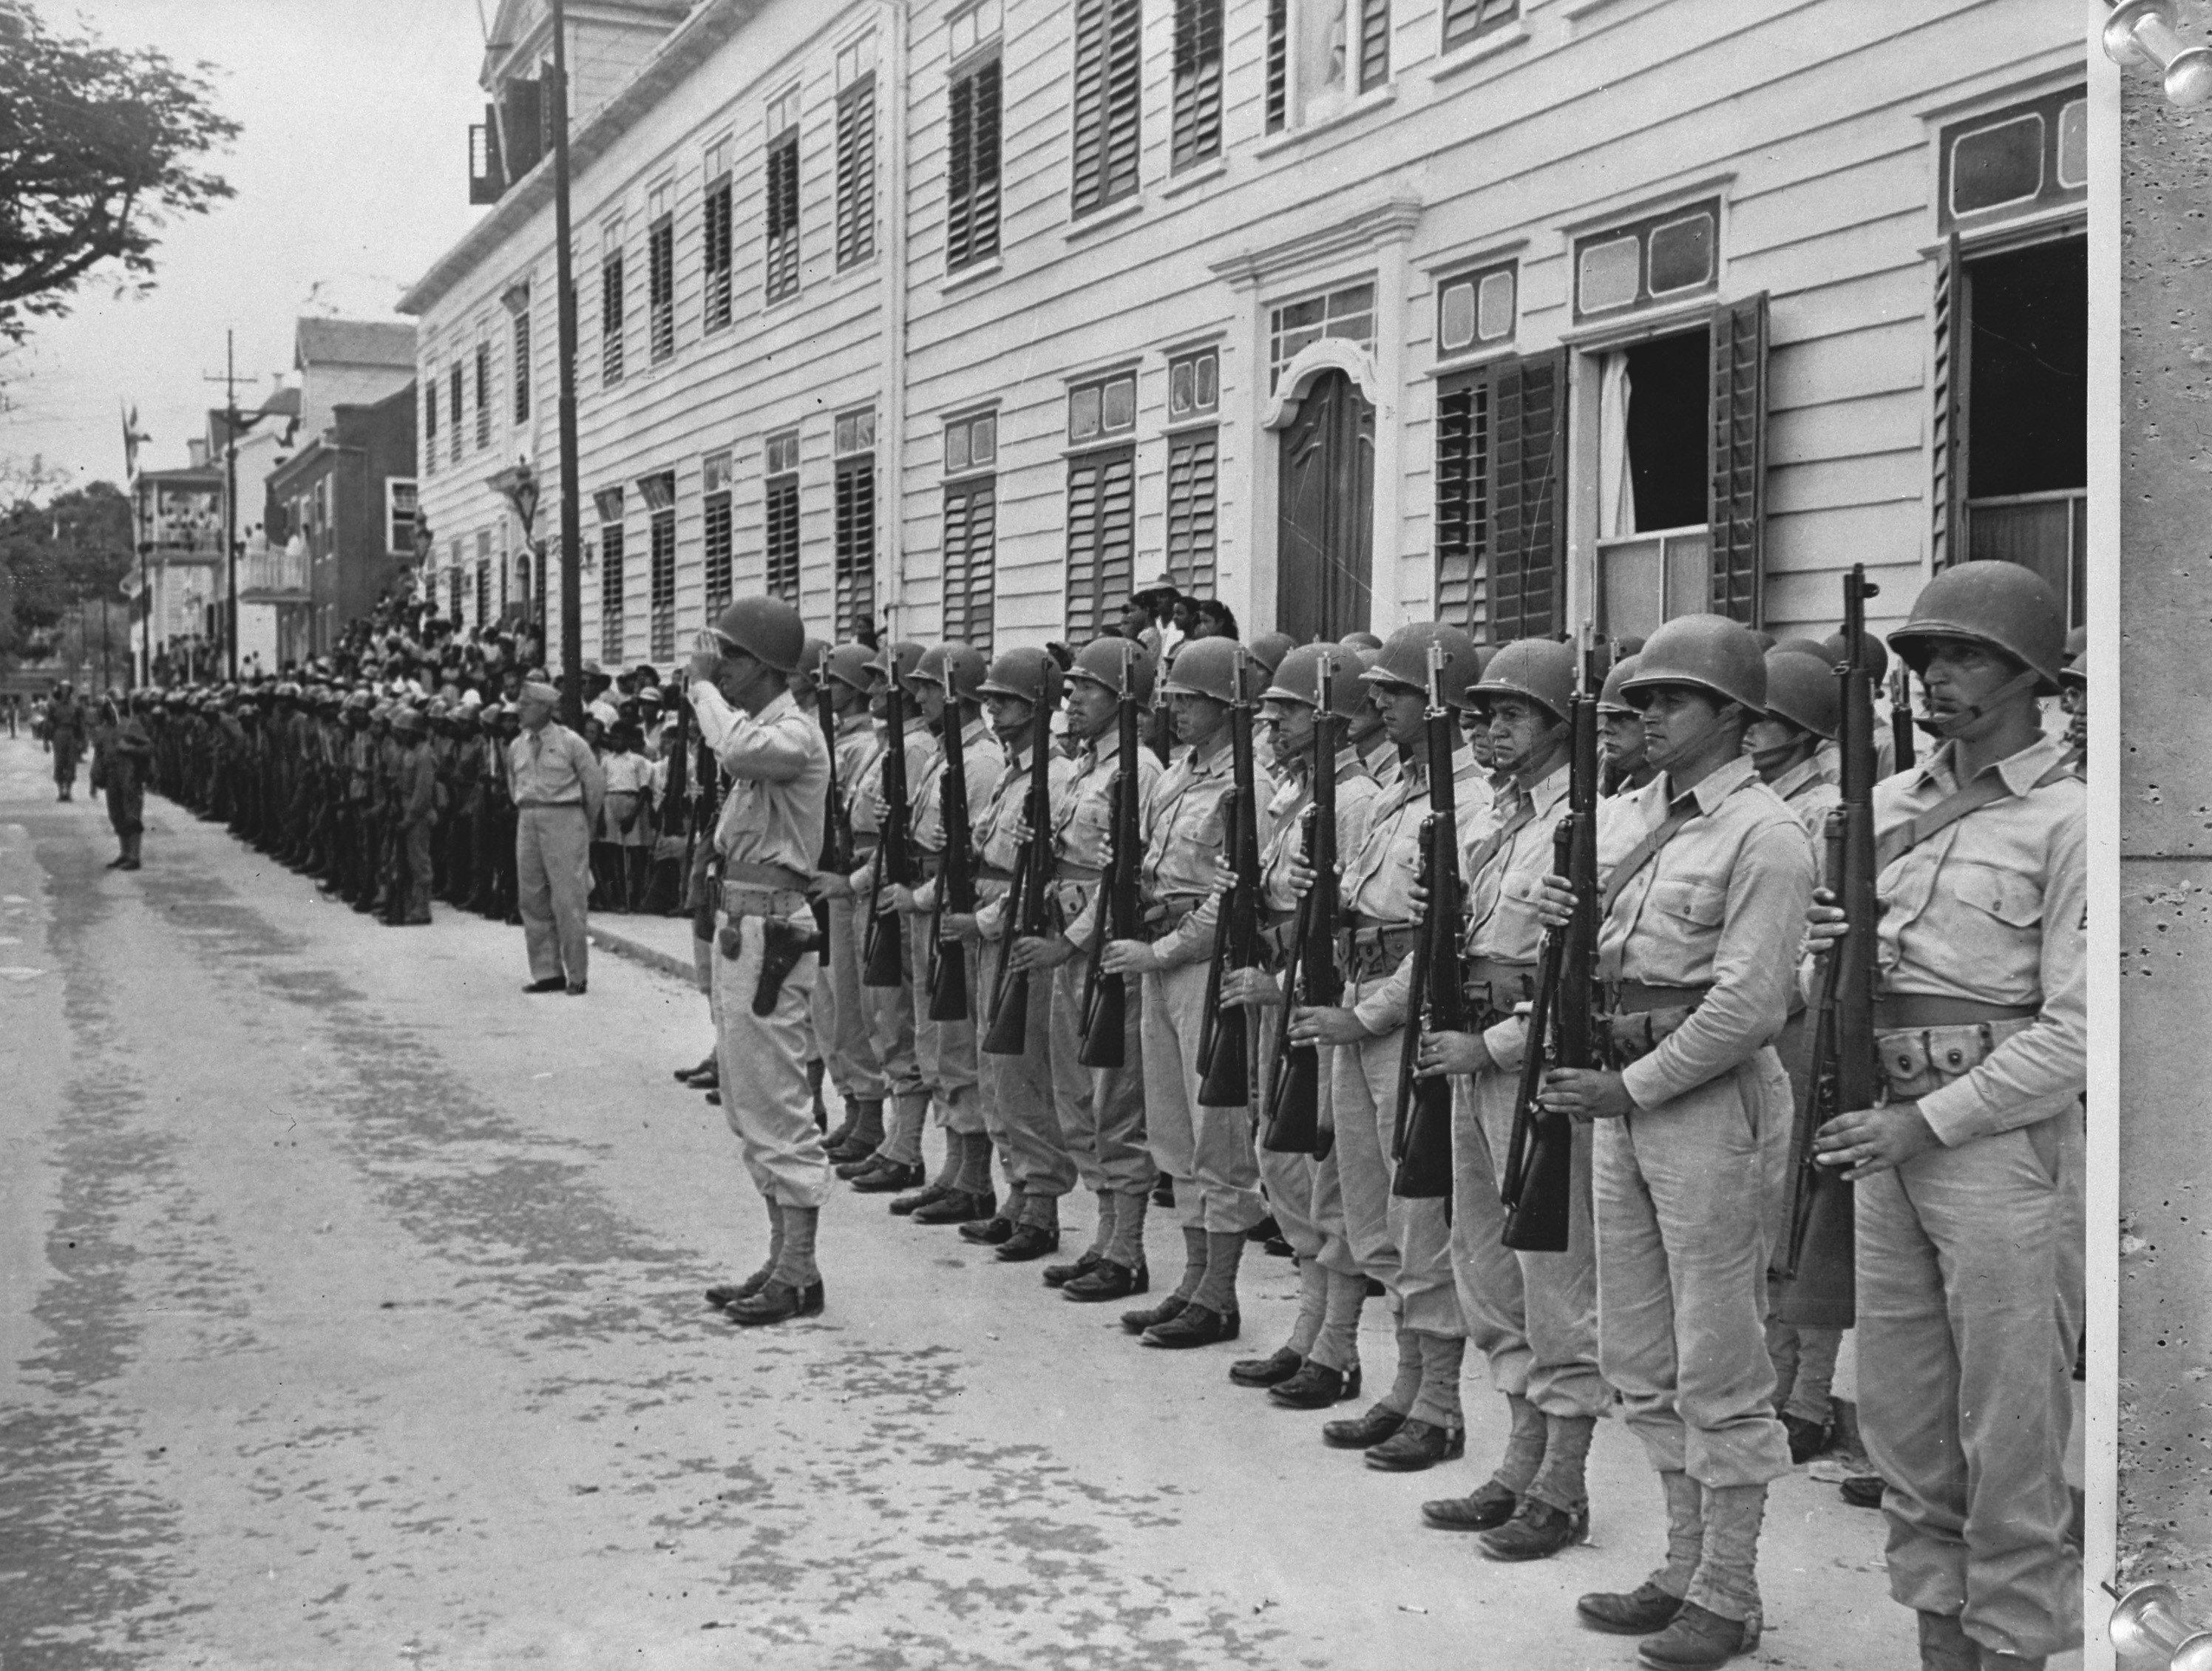 Een eenheid Amerikaanse troepen staat aangetreden in Paramaribo